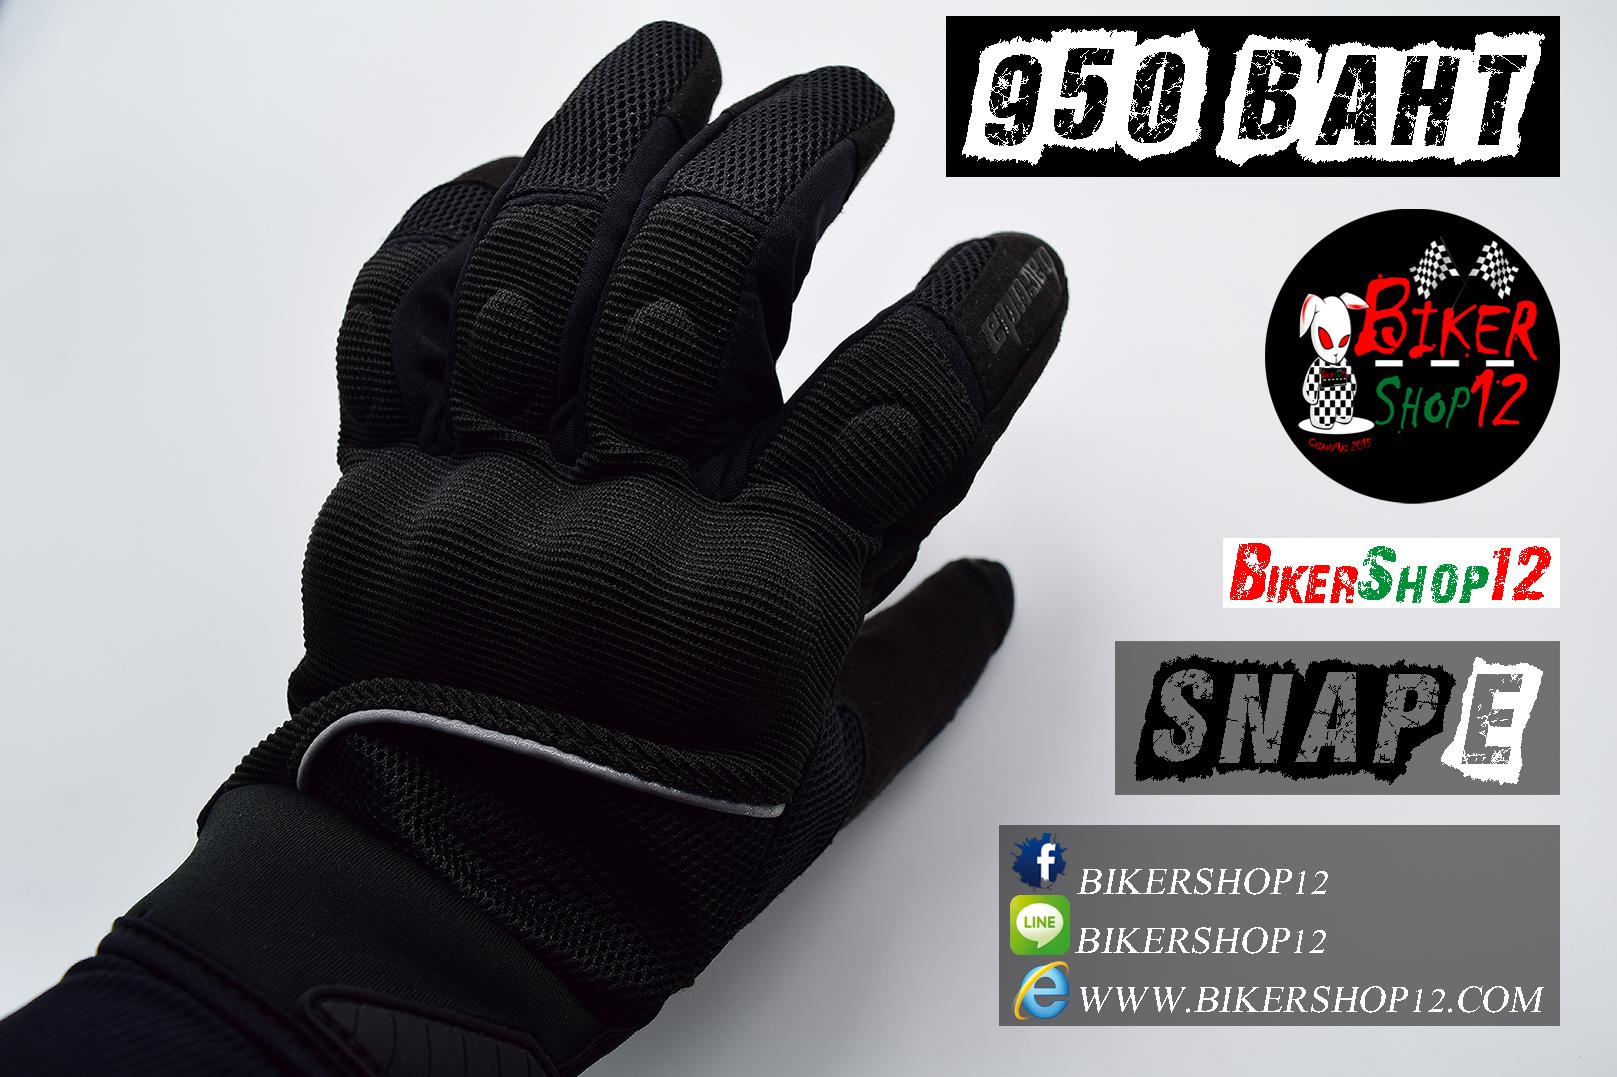 ถุงมือReal SNAP E สีดำ